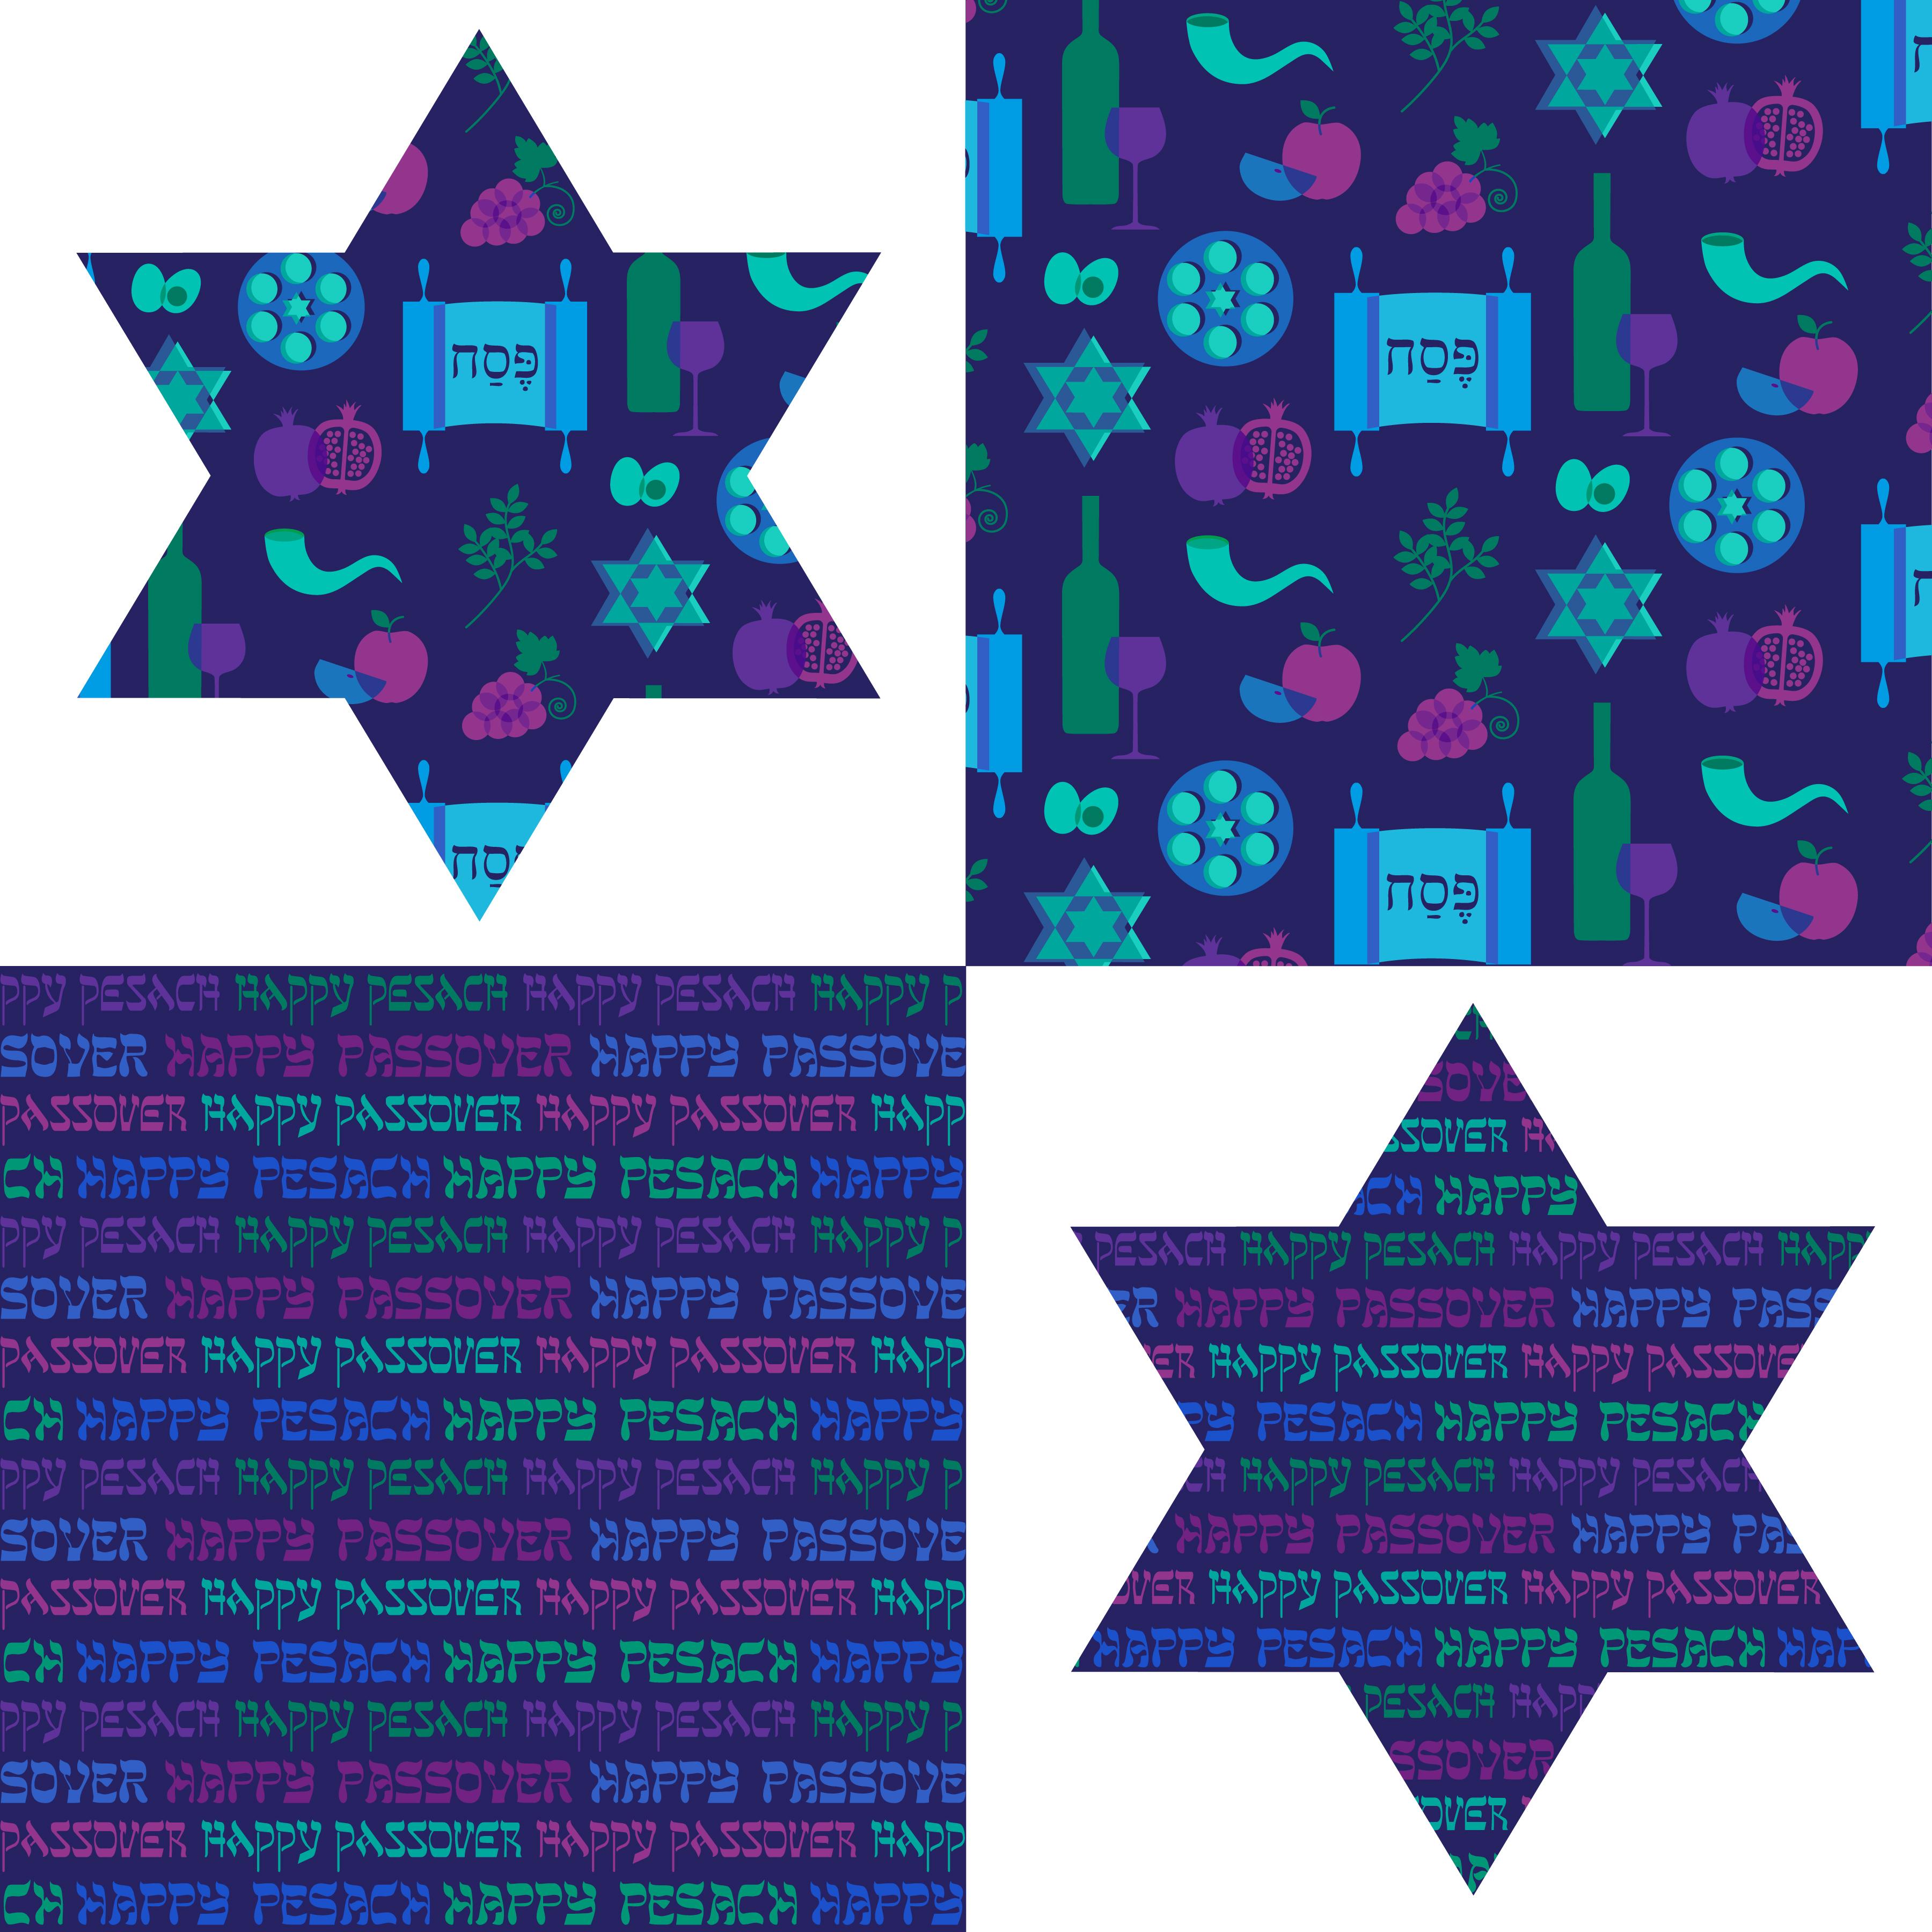 Padroes De Pascoa E Estrelas Judaicas Download Vetores Gratis Desenhos De Vetor Modelos E Clipart